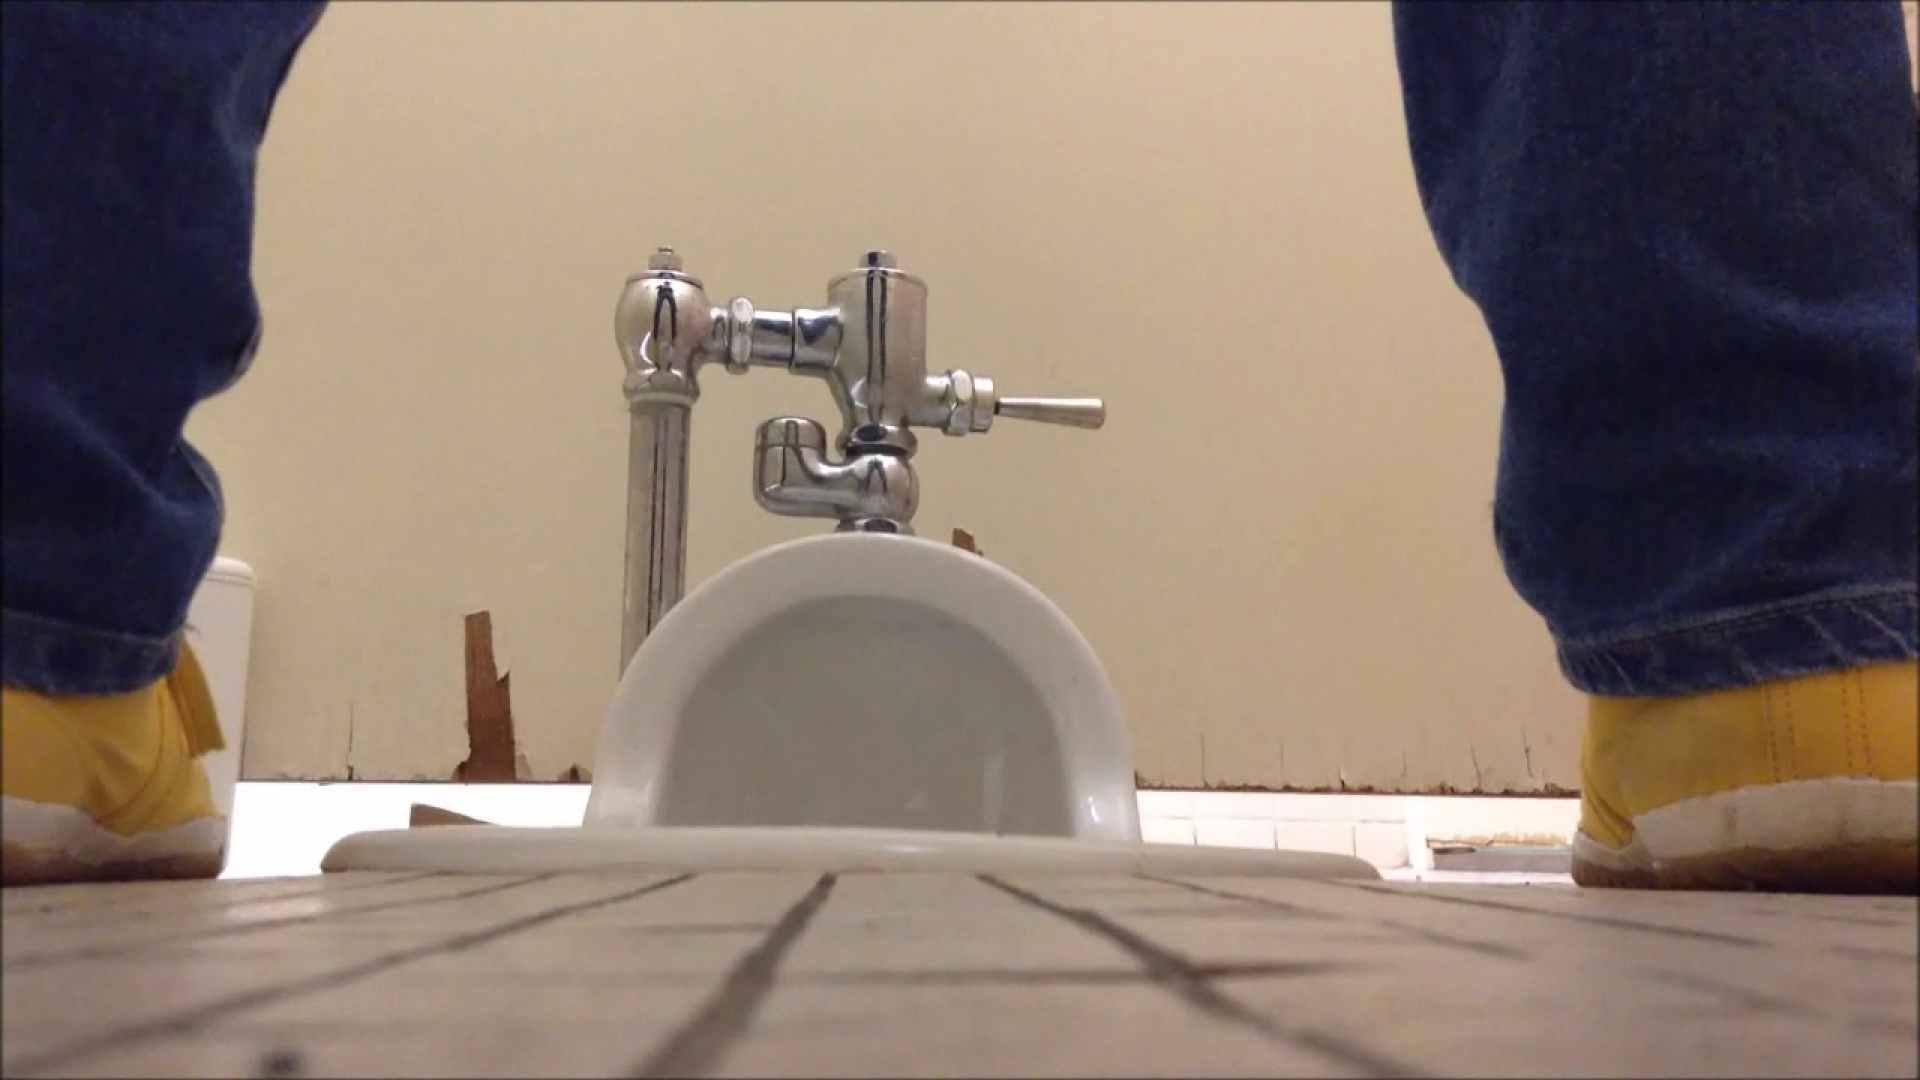 某有名大学女性洗面所 vol.03 OLの実態 盗み撮りAV無料動画キャプチャ 32pic 26